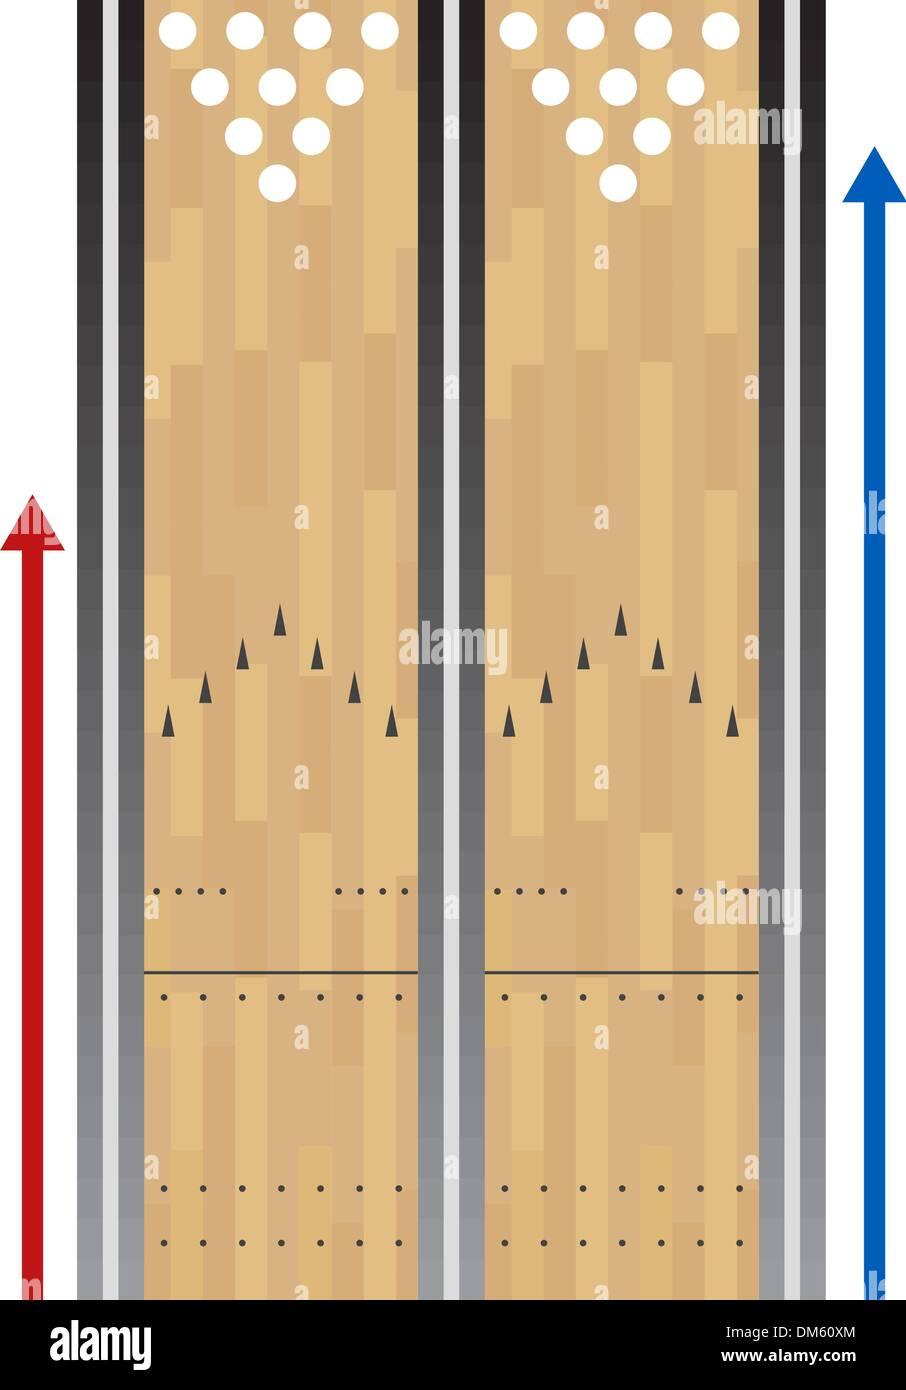 hight resolution of bowling lane chart